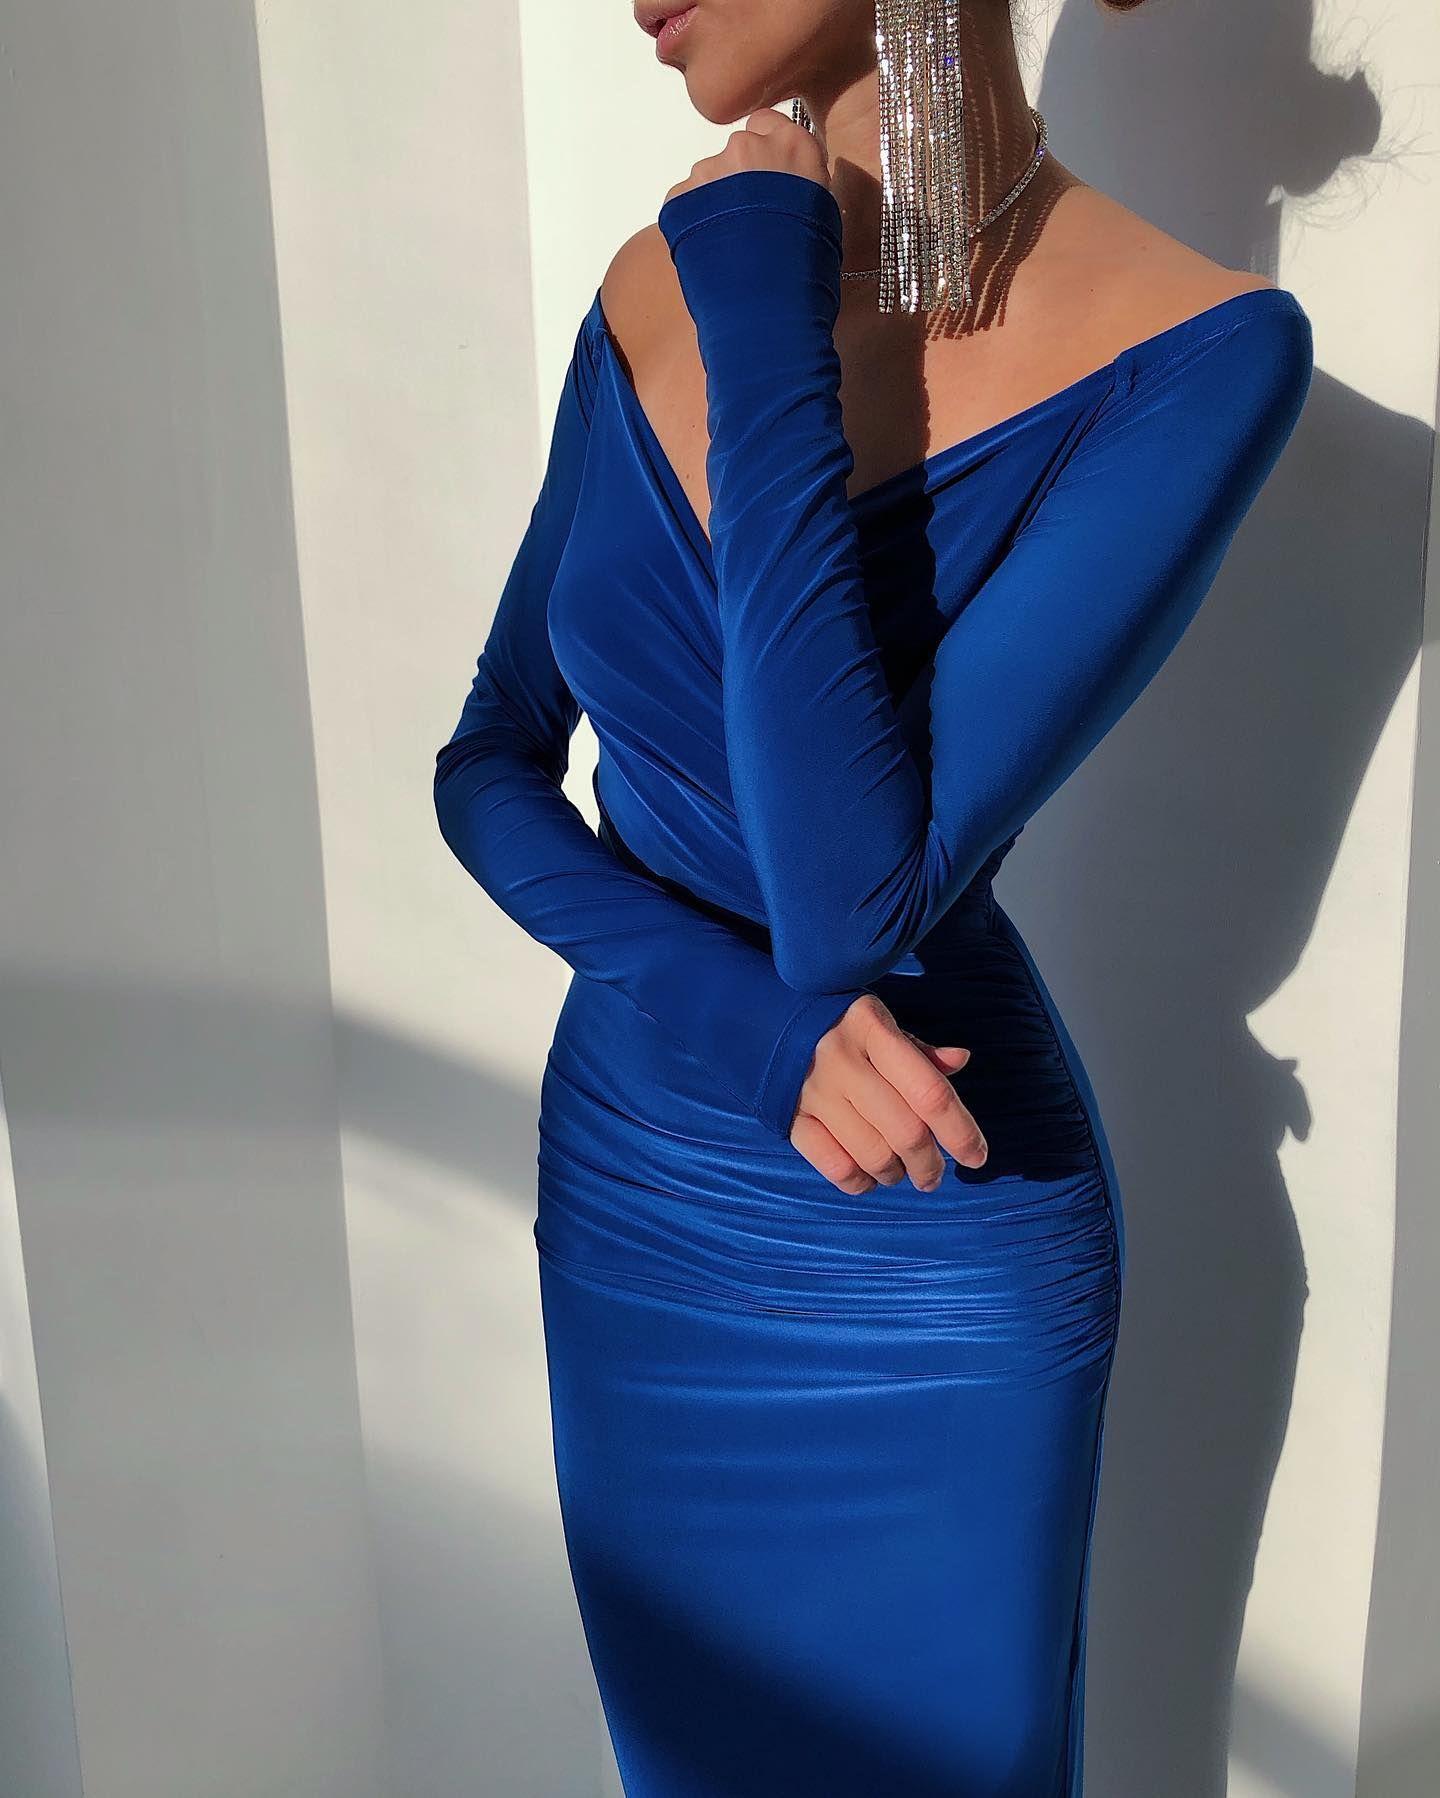 Платье длины миди с открытыми плечами насыщенного синего цвета подчеркнёт все достоинства вашей фигуры и сделает образ как нельзя более женственным. Посмотрите …